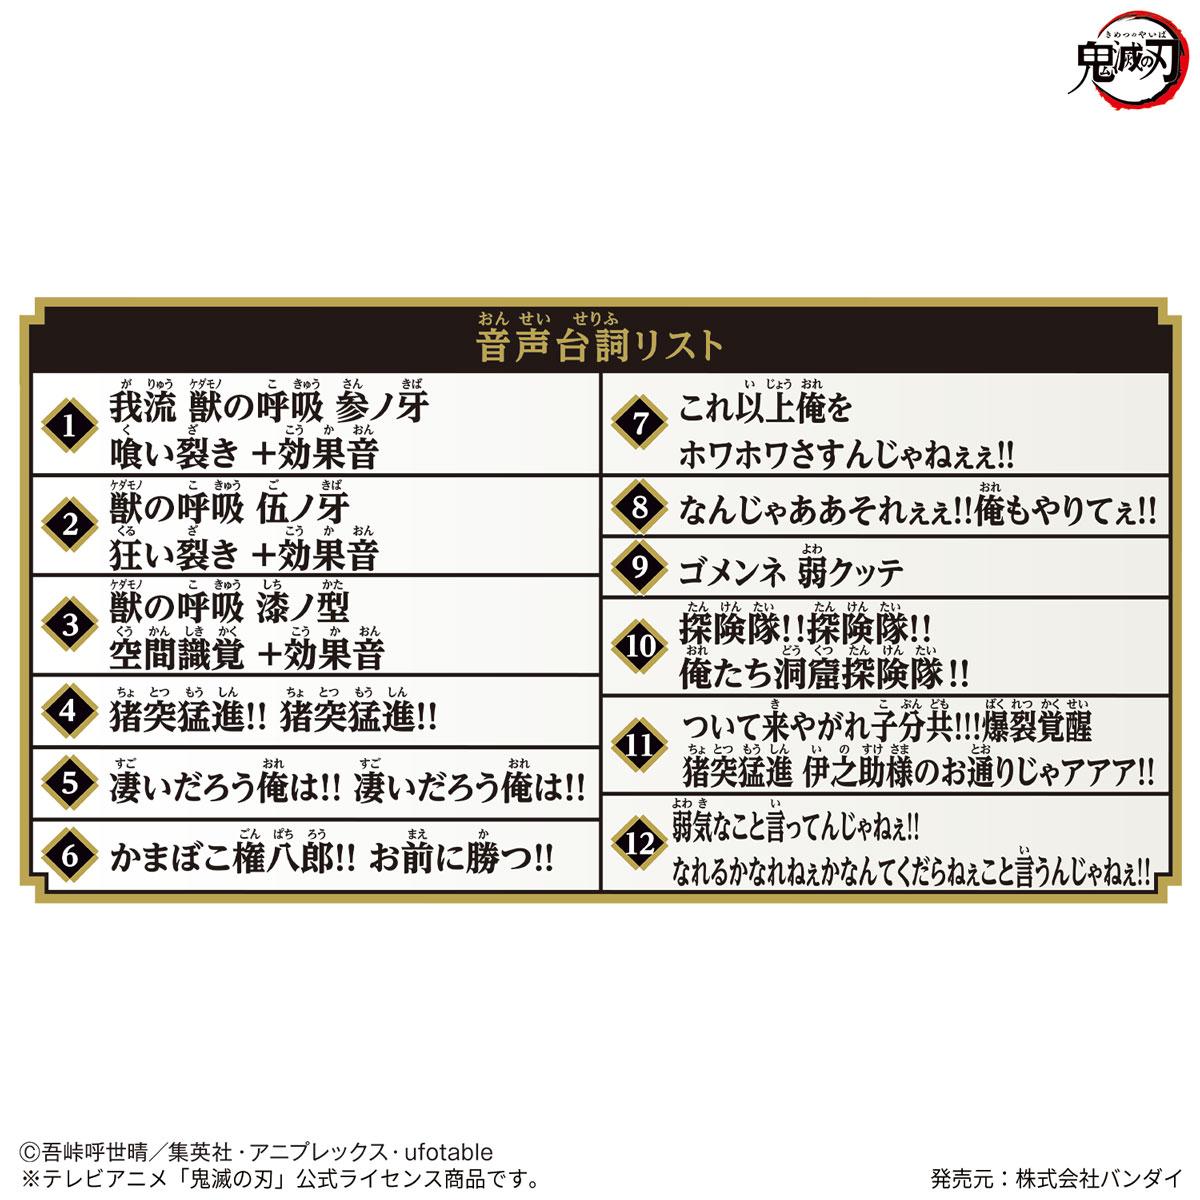 鬼滅の刃『NARIKIRI日輪刀~竈門炭治郎~』変身なりきり-013